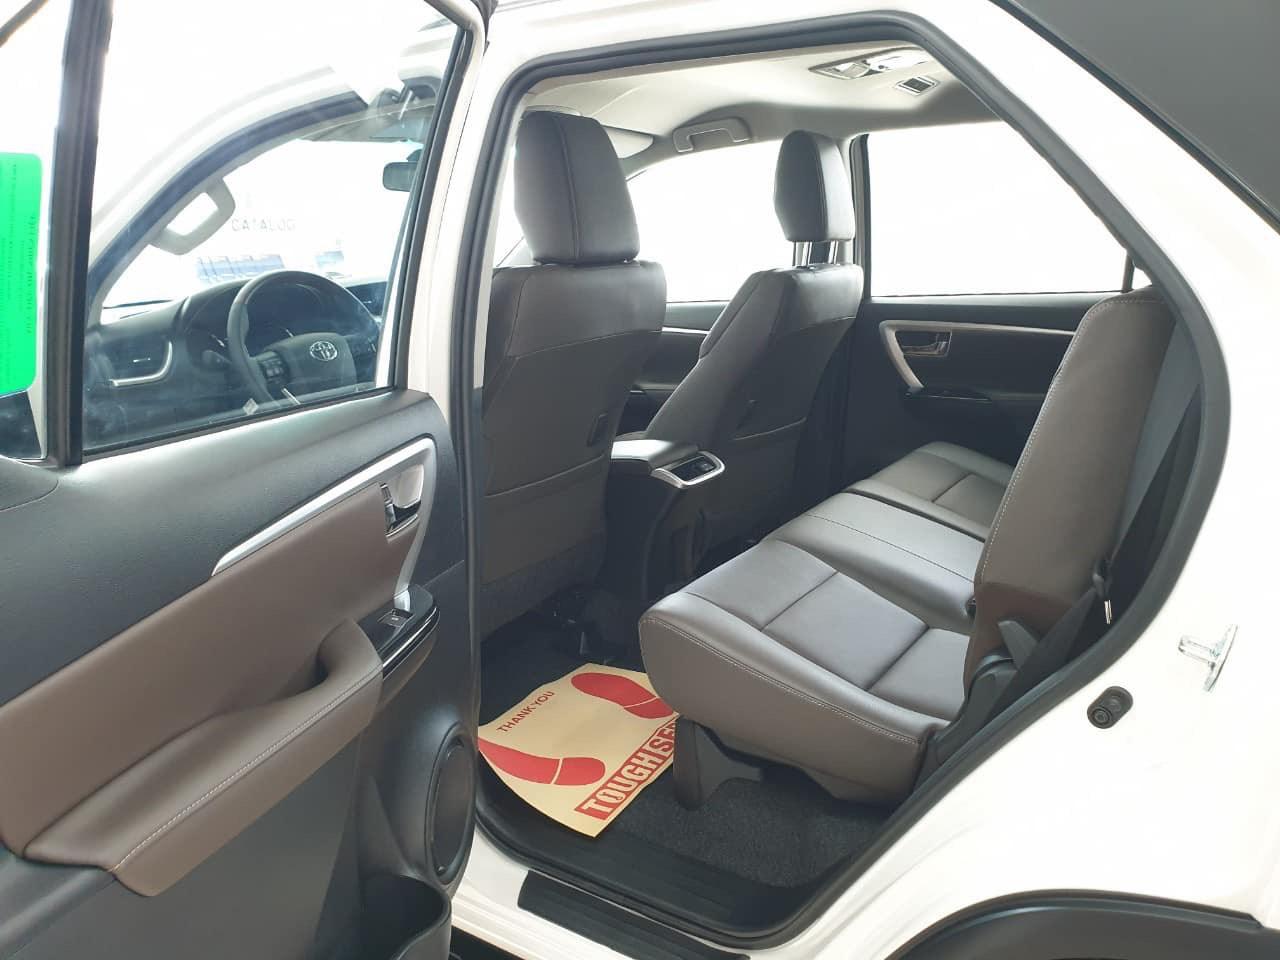 Xe Toyota Fortuner TRD 2019 tai muaxegiabeo 11 - Fortuner TRD [hienthinam]: giá xe và khuyến mãi mới